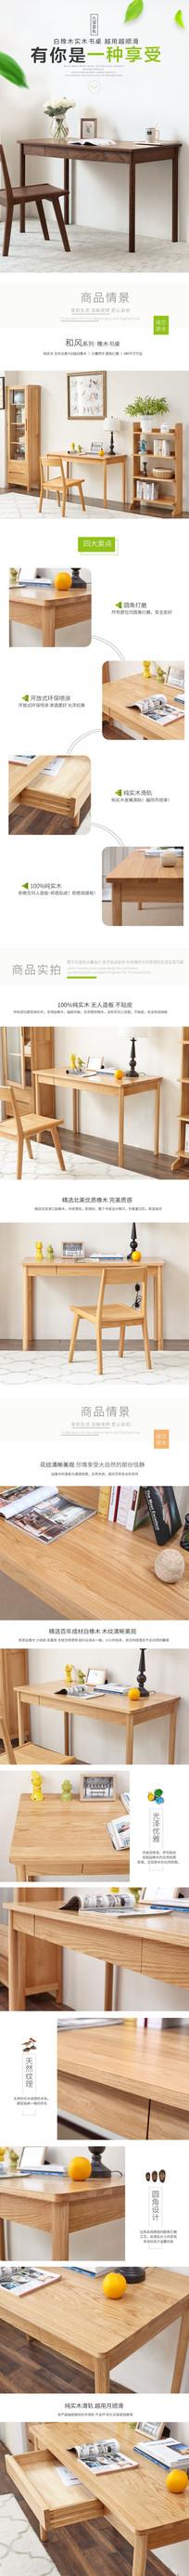 天猫淘宝白橡木书桌详情页设计